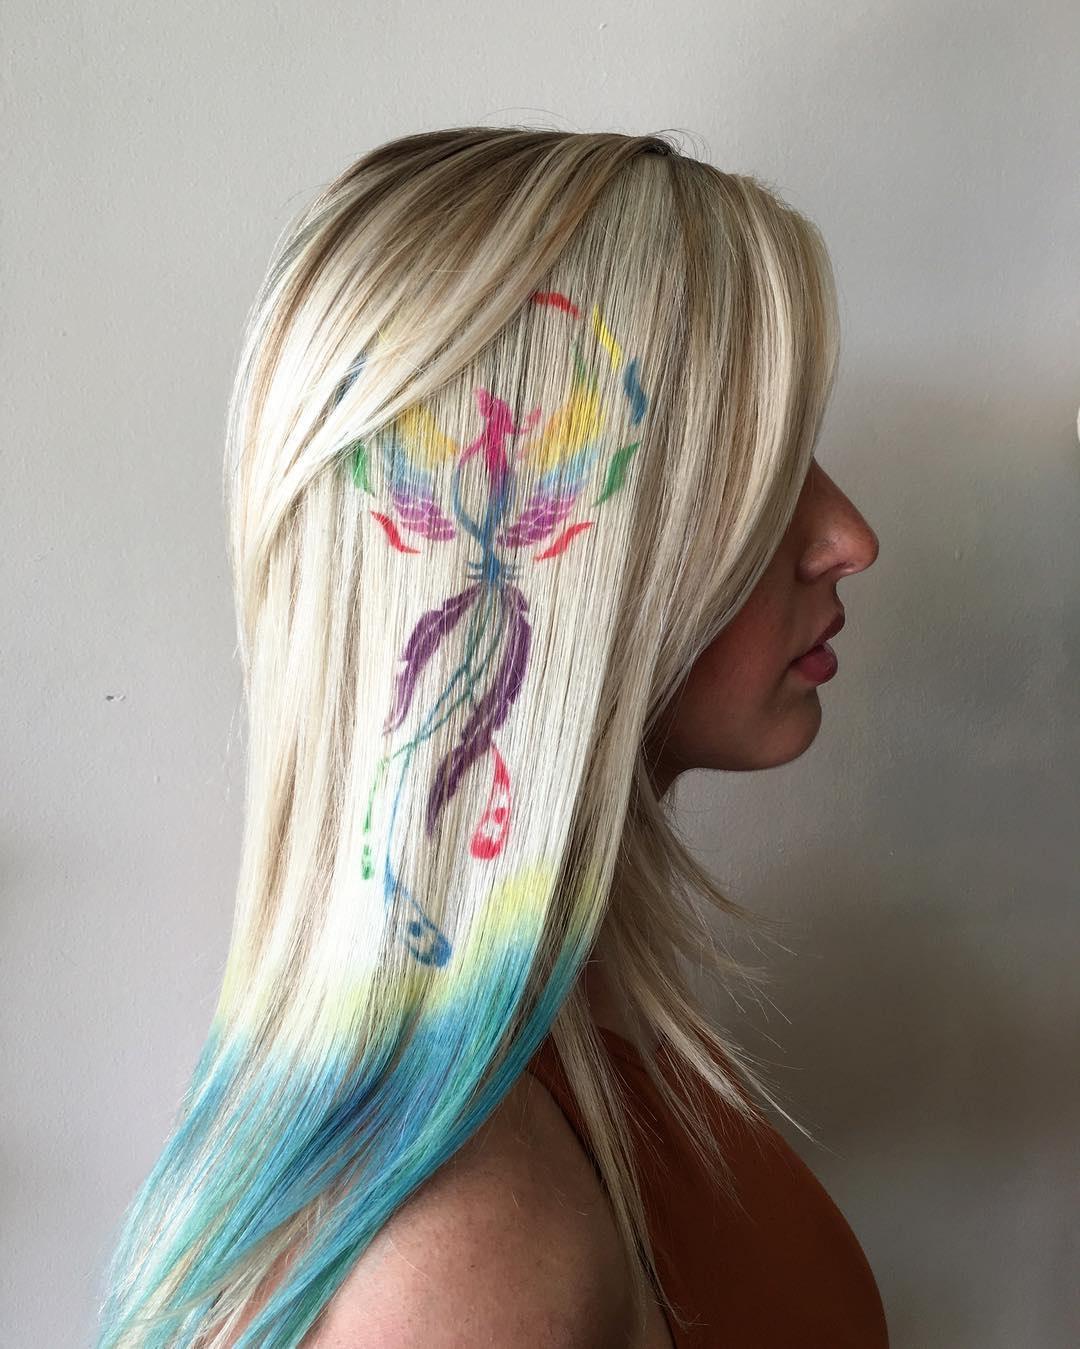 Трафаретное окрашивание волос 2018 цветное